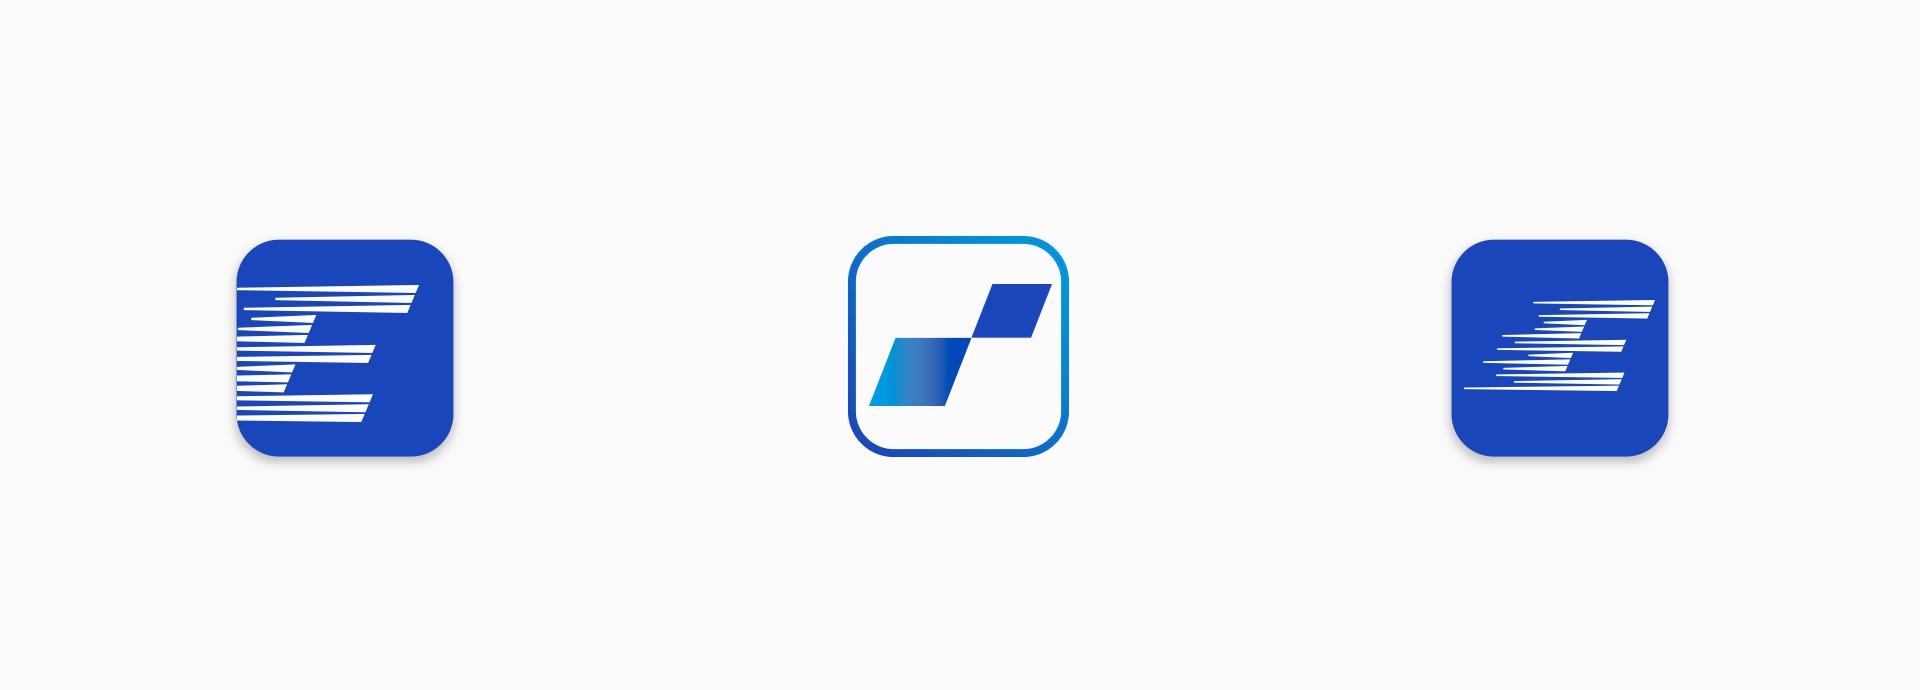 italian logo designer favicon design